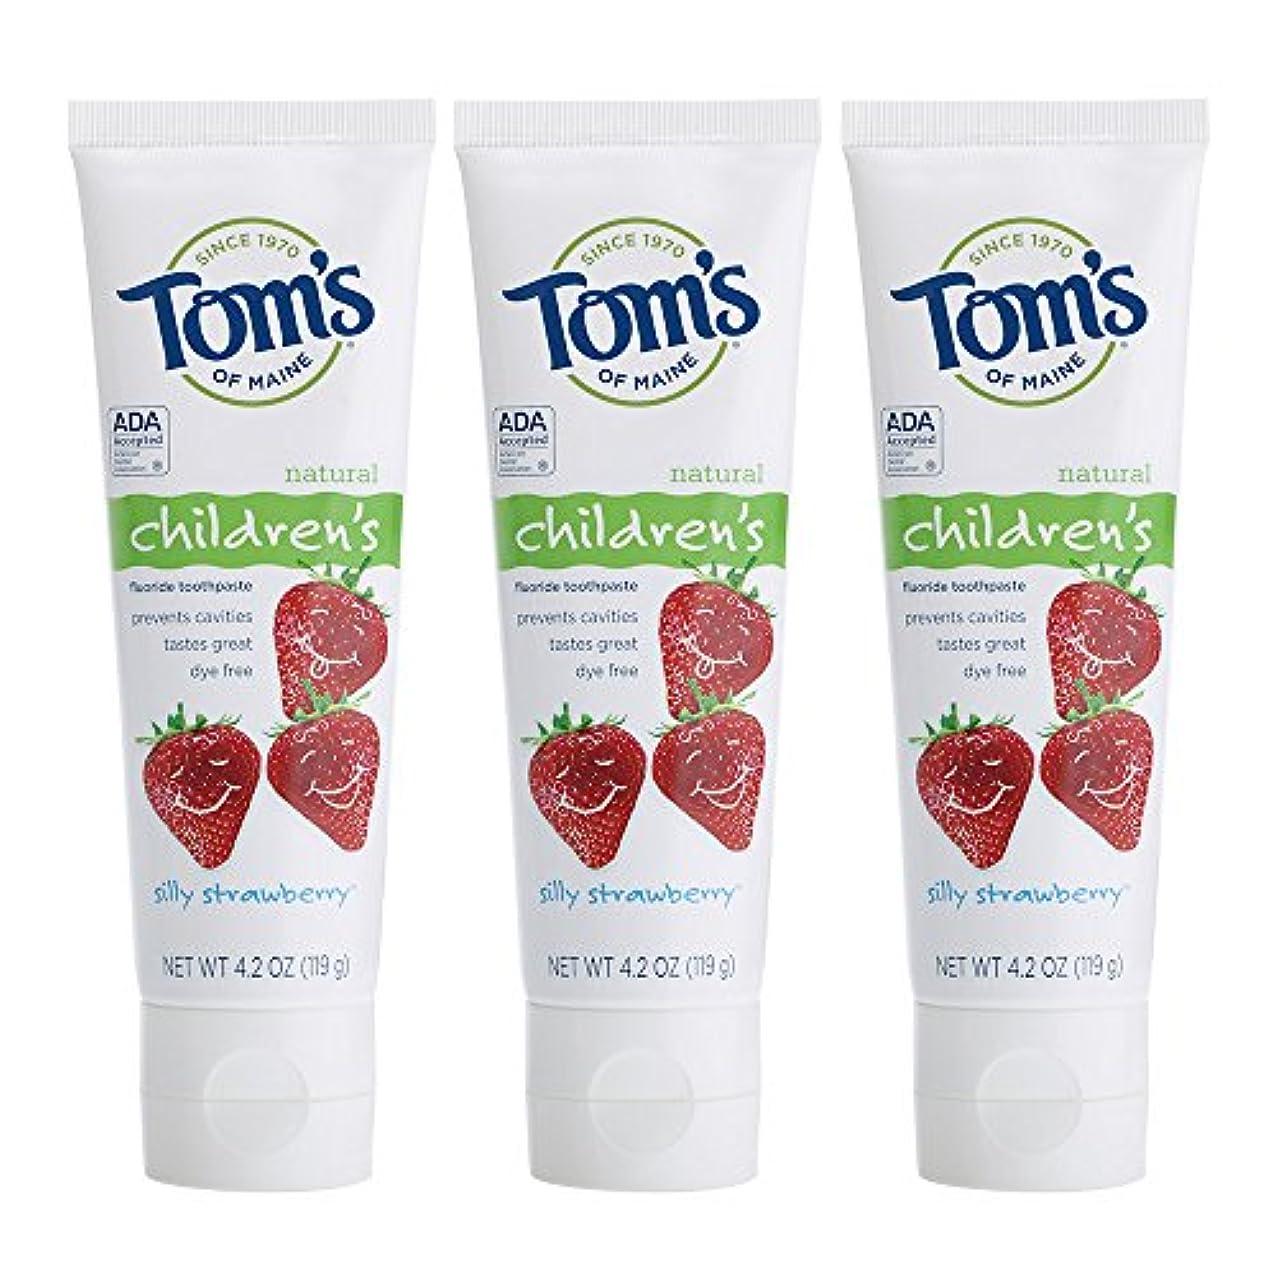 伝導小川ゴージャスTom's of Maine, Natural Children's Fluoride Toothpaste, Silly Strawberry, 4.2 oz (119 g)